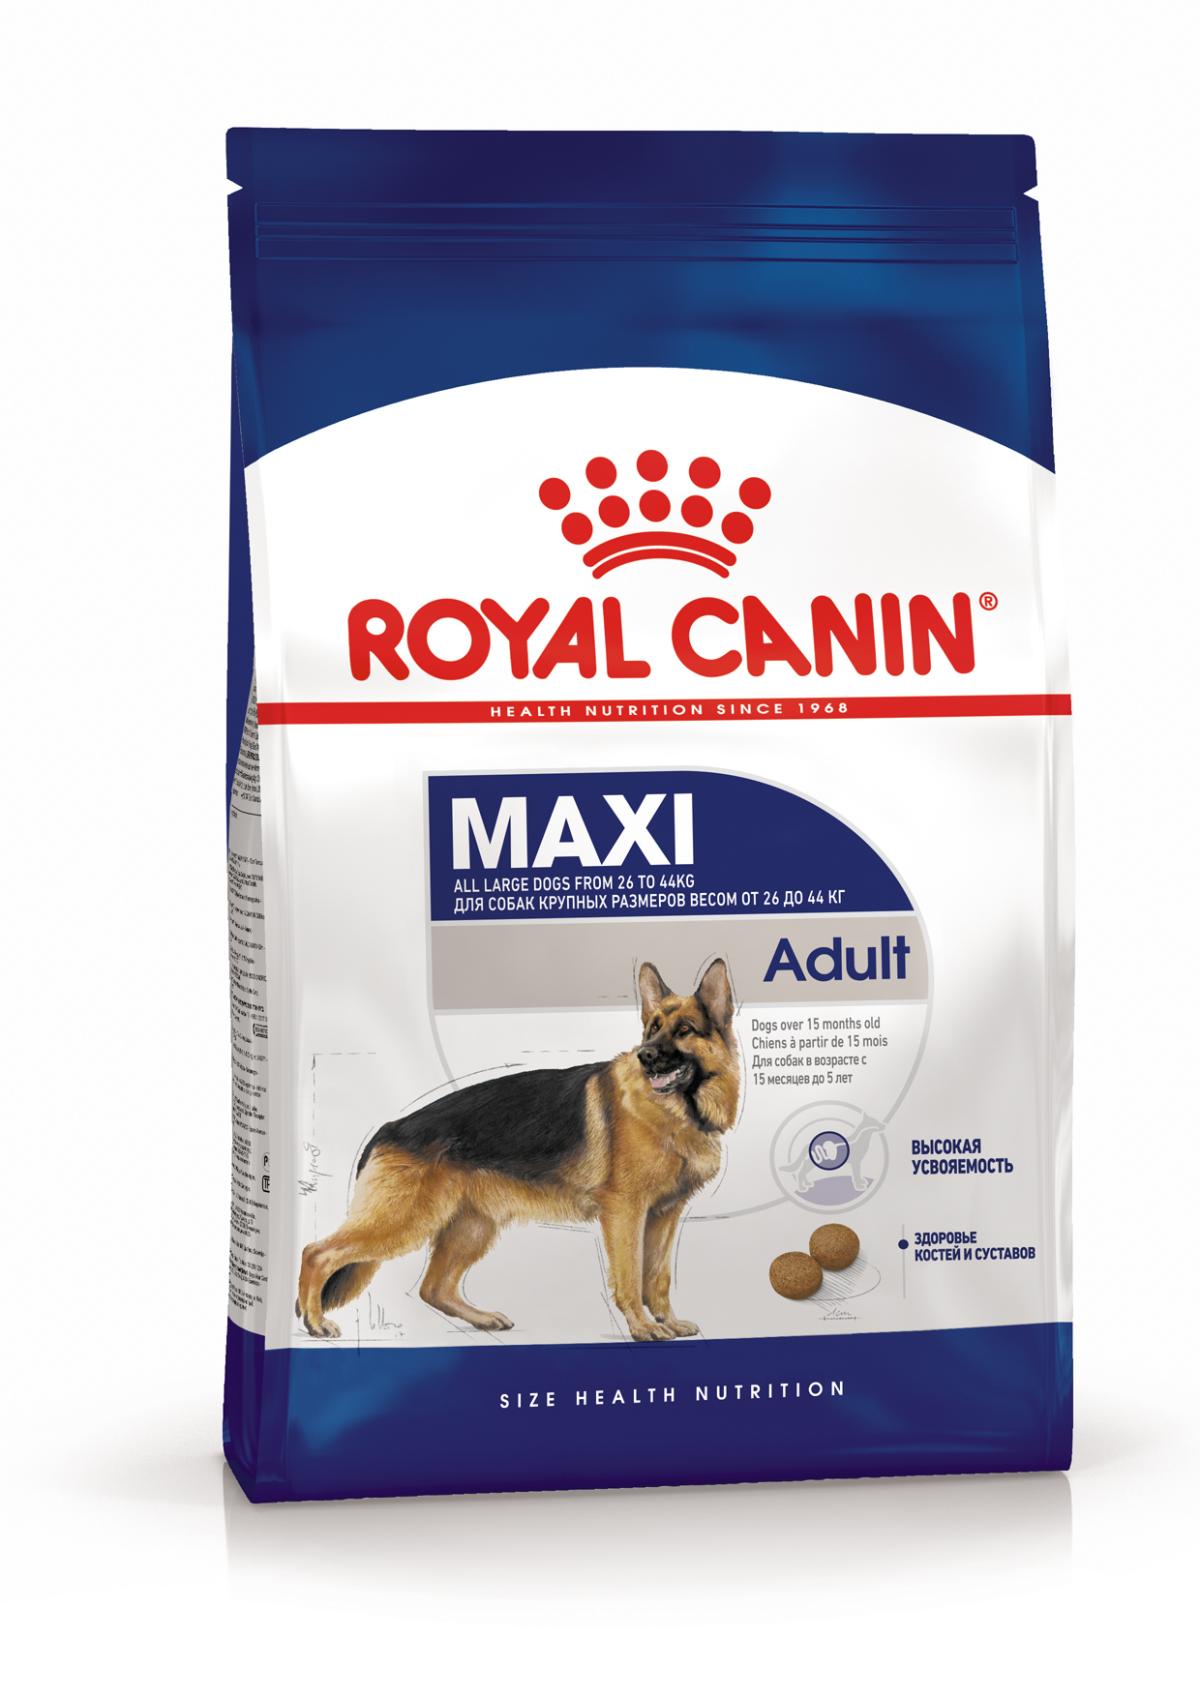 Сухой корм Корм для собак крупных пород, Royal Canin Maxi Adult 4627109389681_1.png